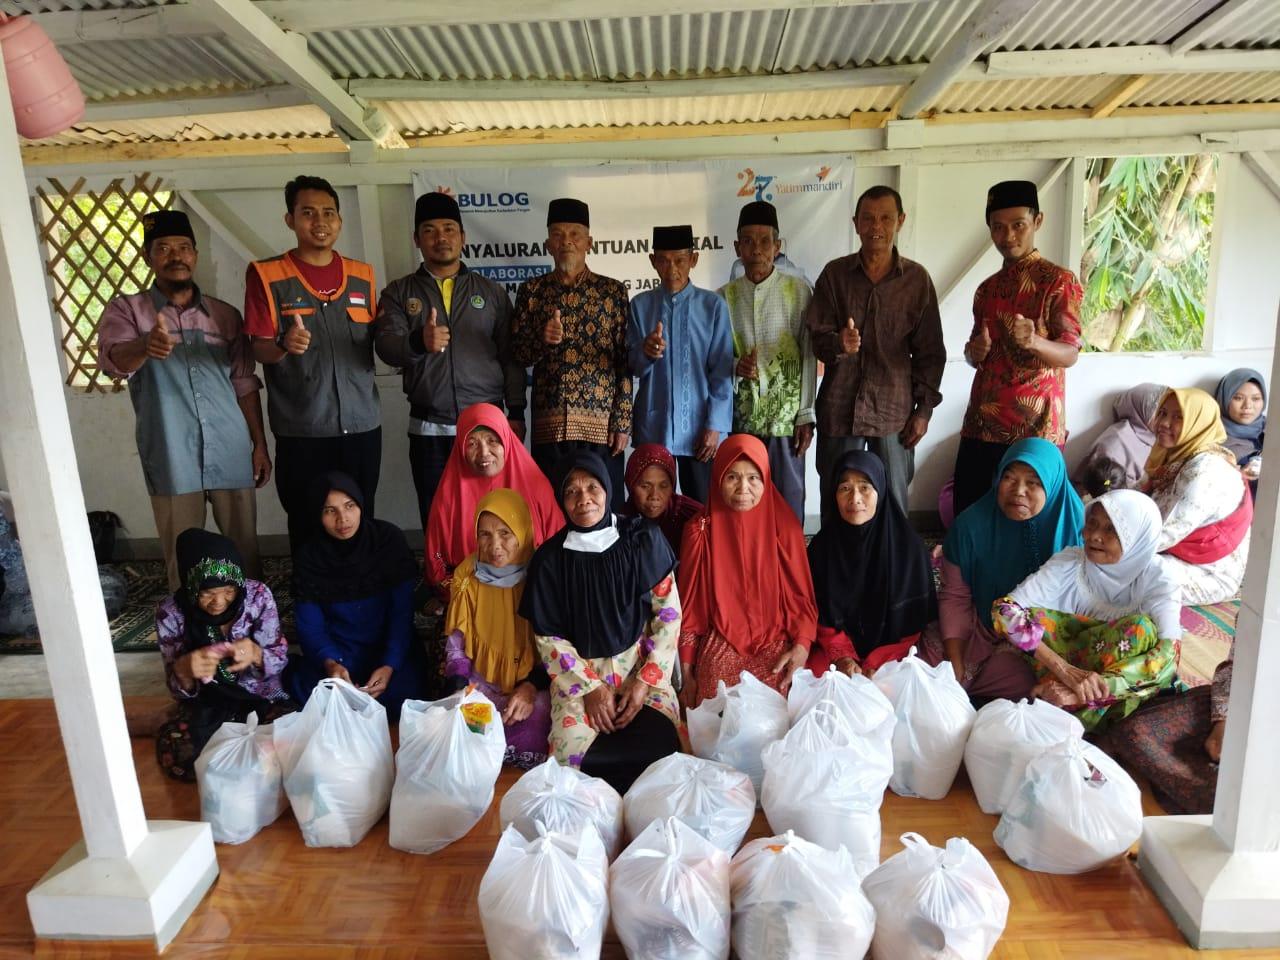 Tebar Kebahagiaan untuk Adik Yatim dan Warga Dhuafa Bandung